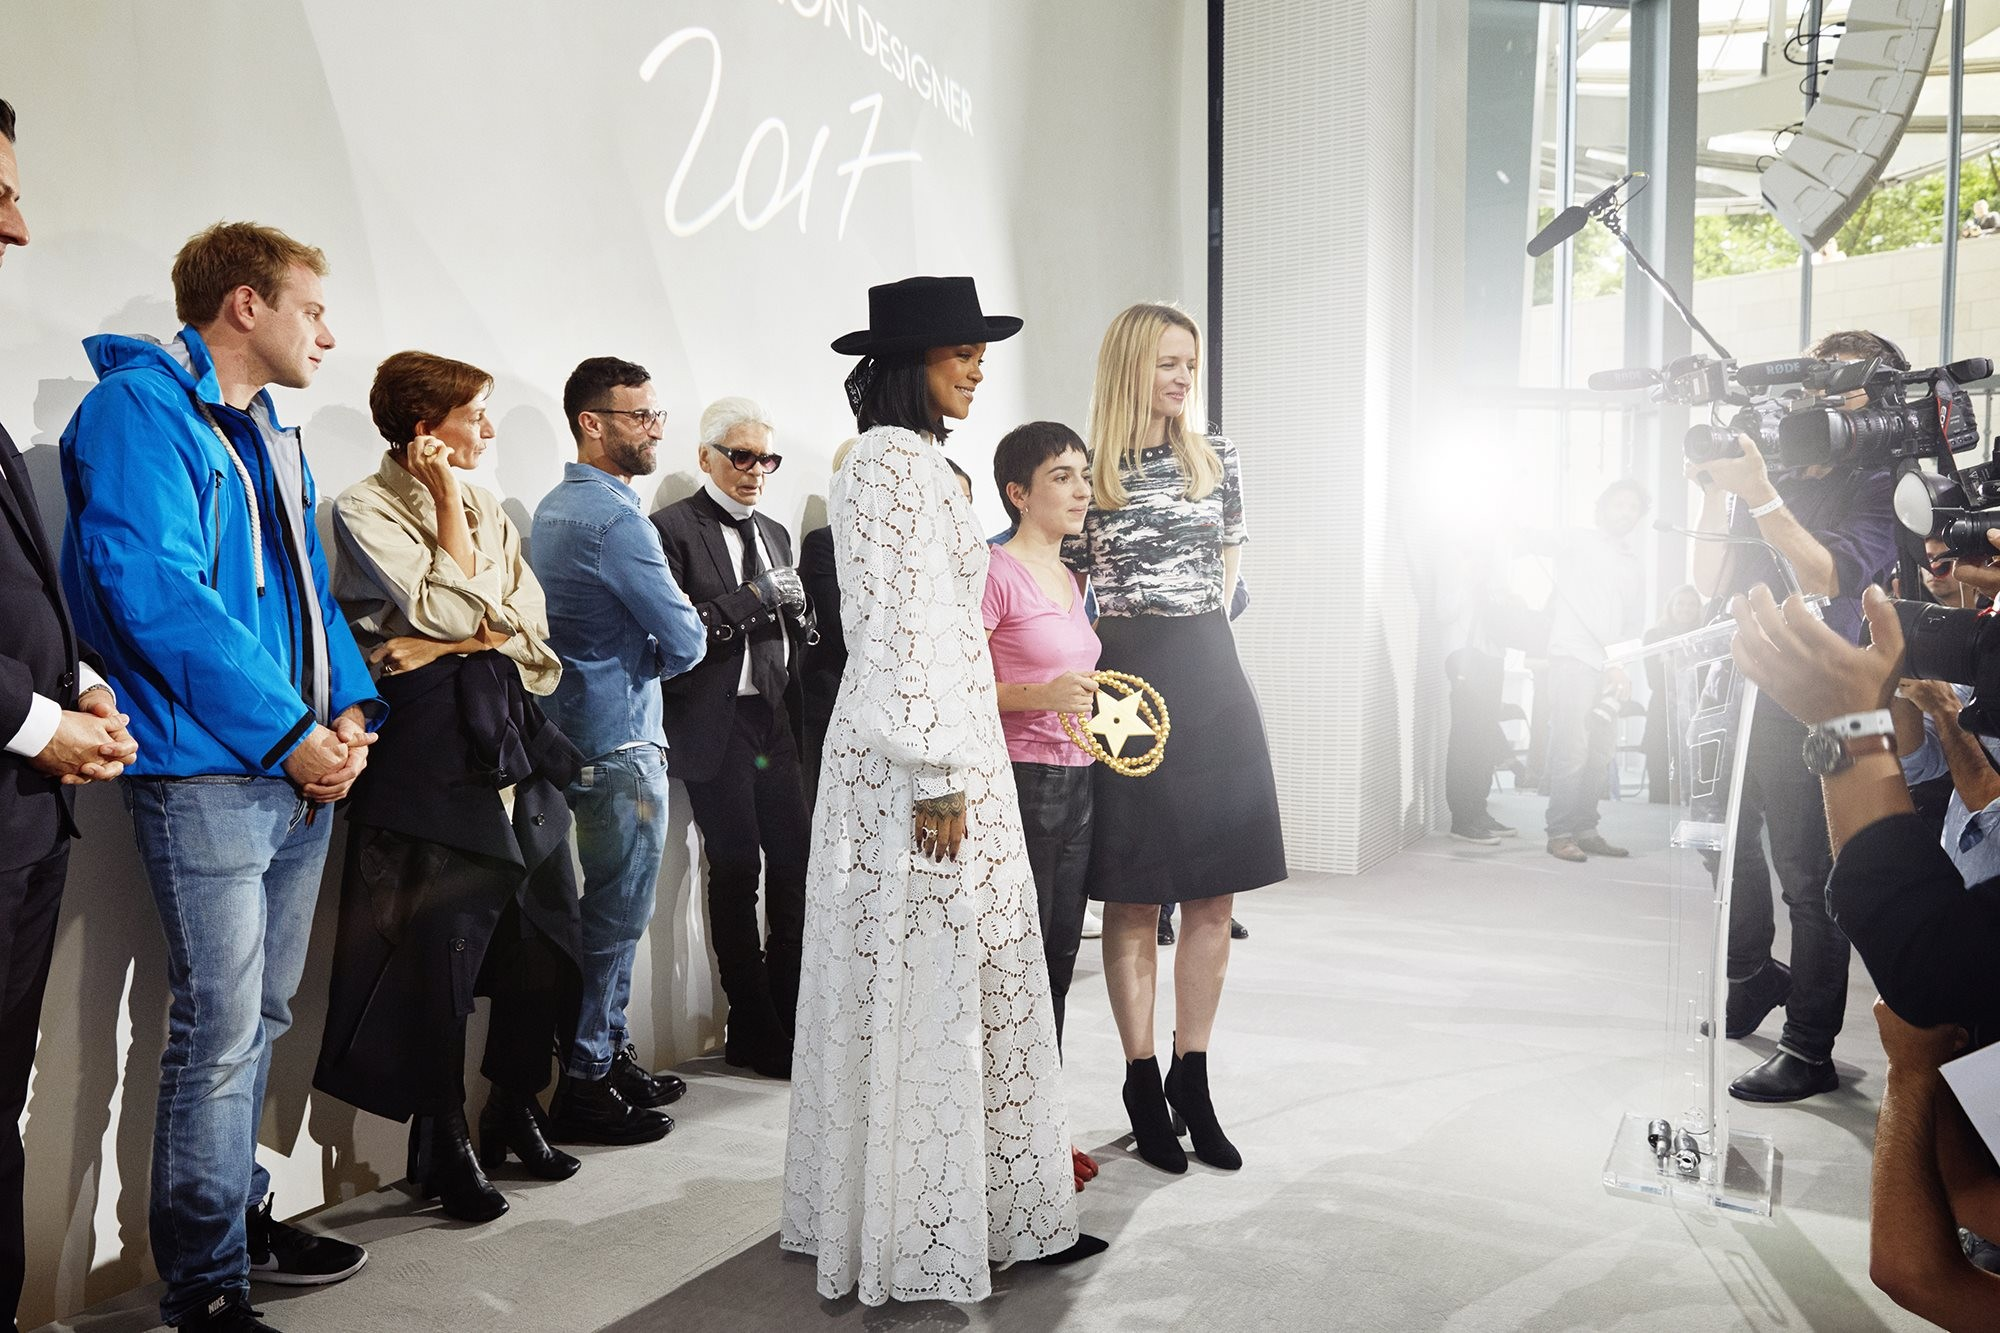 Final da edição 2017 do LVMH Prize, com Rihanna e a vencedora Marine Serre (Foto: Divulgação)